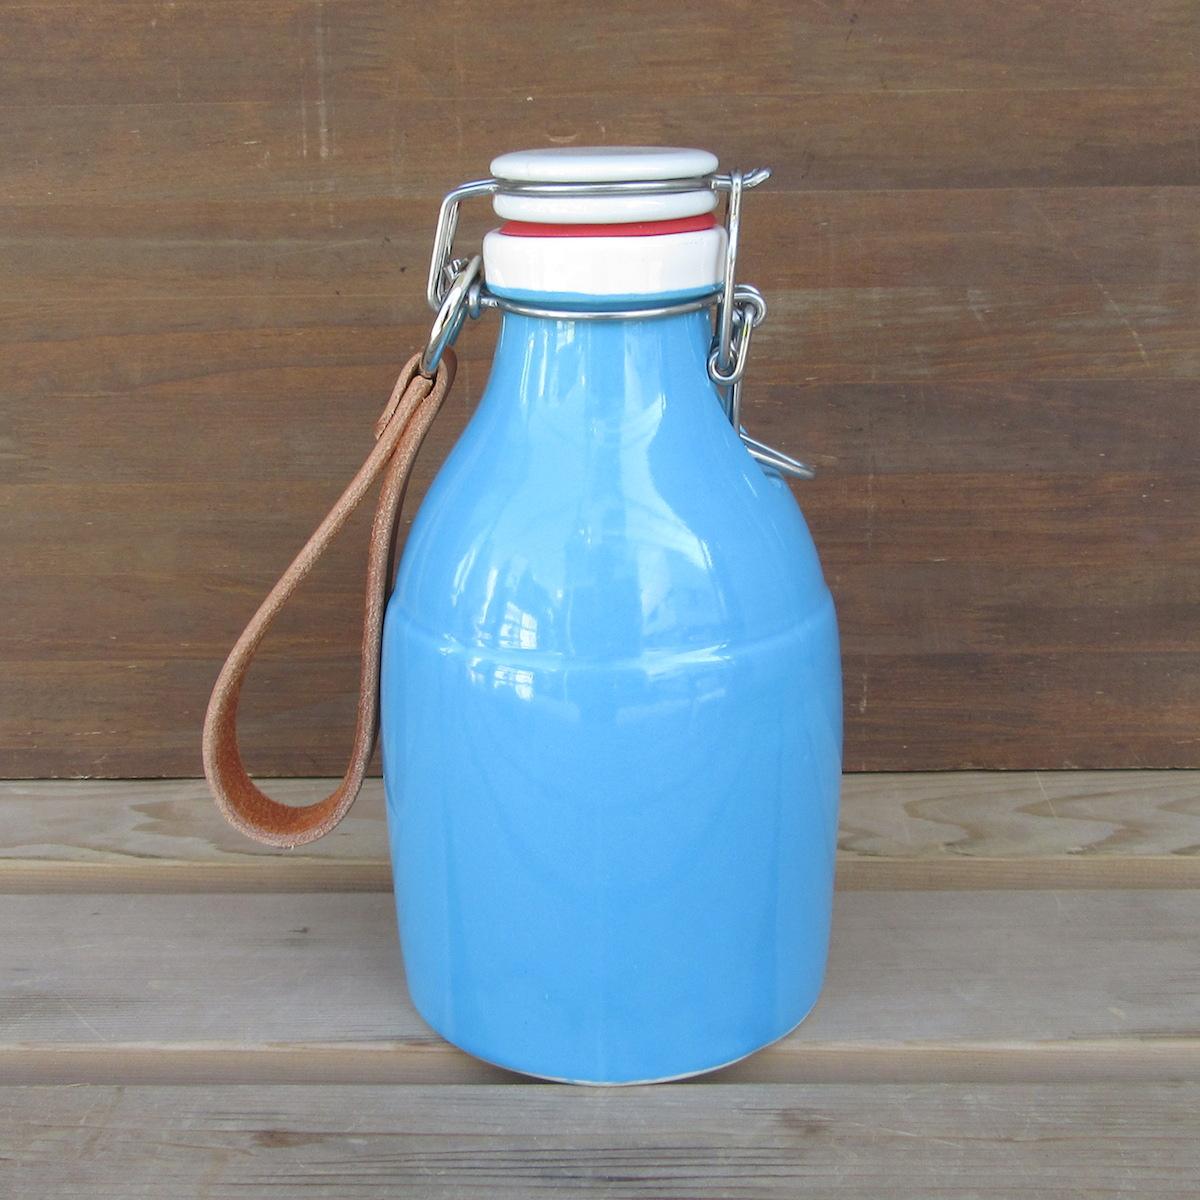 【全商品オープニング価格 特別価格】 Portland Growler Smoothneck ポートランド グラウラー グロウラー クラフトビール スムースネック 32オンス Gloss BLUE グロスブルー, LA KONECT 2cc1fae7